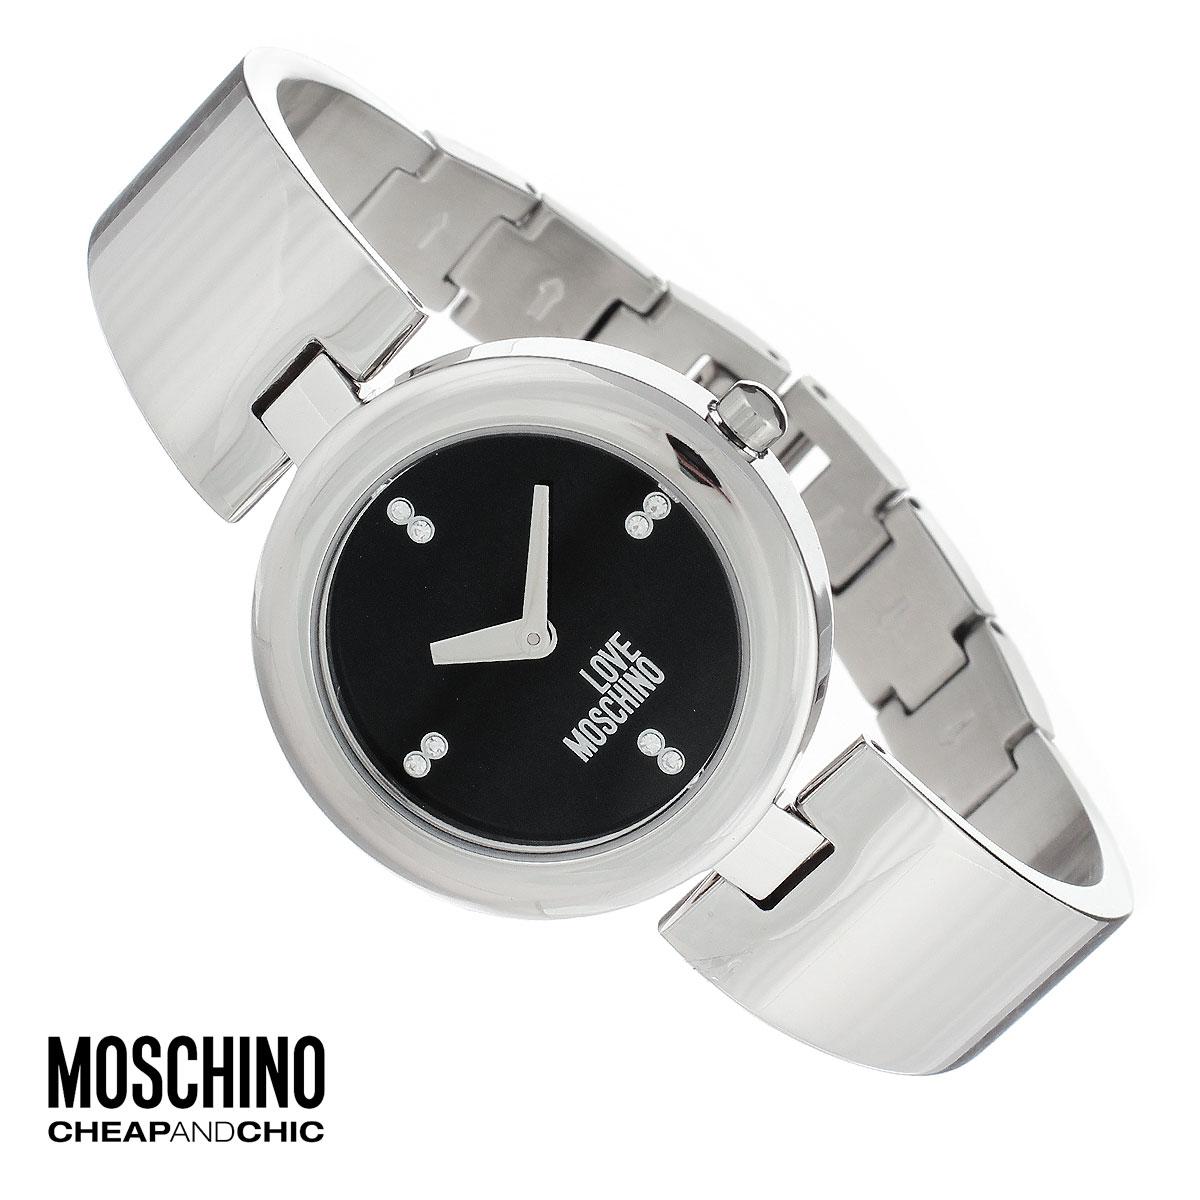 Часы женские наручные Moschino, цвет: серебристый. MW0422MW0422Наручные часы от известного итальянского бренда Moschino - это не только стильный и функциональный аксессуар, но и современные технологи, сочетающиеся с экстравагантным дизайном и индивидуальностью. Часы Moschino оснащены кварцевым механизмом. Корпус выполнен из высококачественной нержавеющей стали. Циферблат оформлен отметками из страз, надписью Love Moschino защищен минеральным стеклом. Часы имеют две стрелки - часовую и минутную. Браслет часов выполнен из нержавеющей стали и оснащен ювелирной застежкой. Часы упакованы в фирменную металлическую коробку с логотипом бренда. Часы Moschino благодаря своему уникальному дизайну отличаются от часов других марок своеобразными циферблатами, функциональностью, а также набором уникальных технических свойств. Каждой модели присуща легкая экстравагантность, самобытность и, безусловно, великолепный вкус. Характеристики: Диаметр циферблата: 2,5 см. Размер корпуса: 3,3 см х 4 см х 0,7...